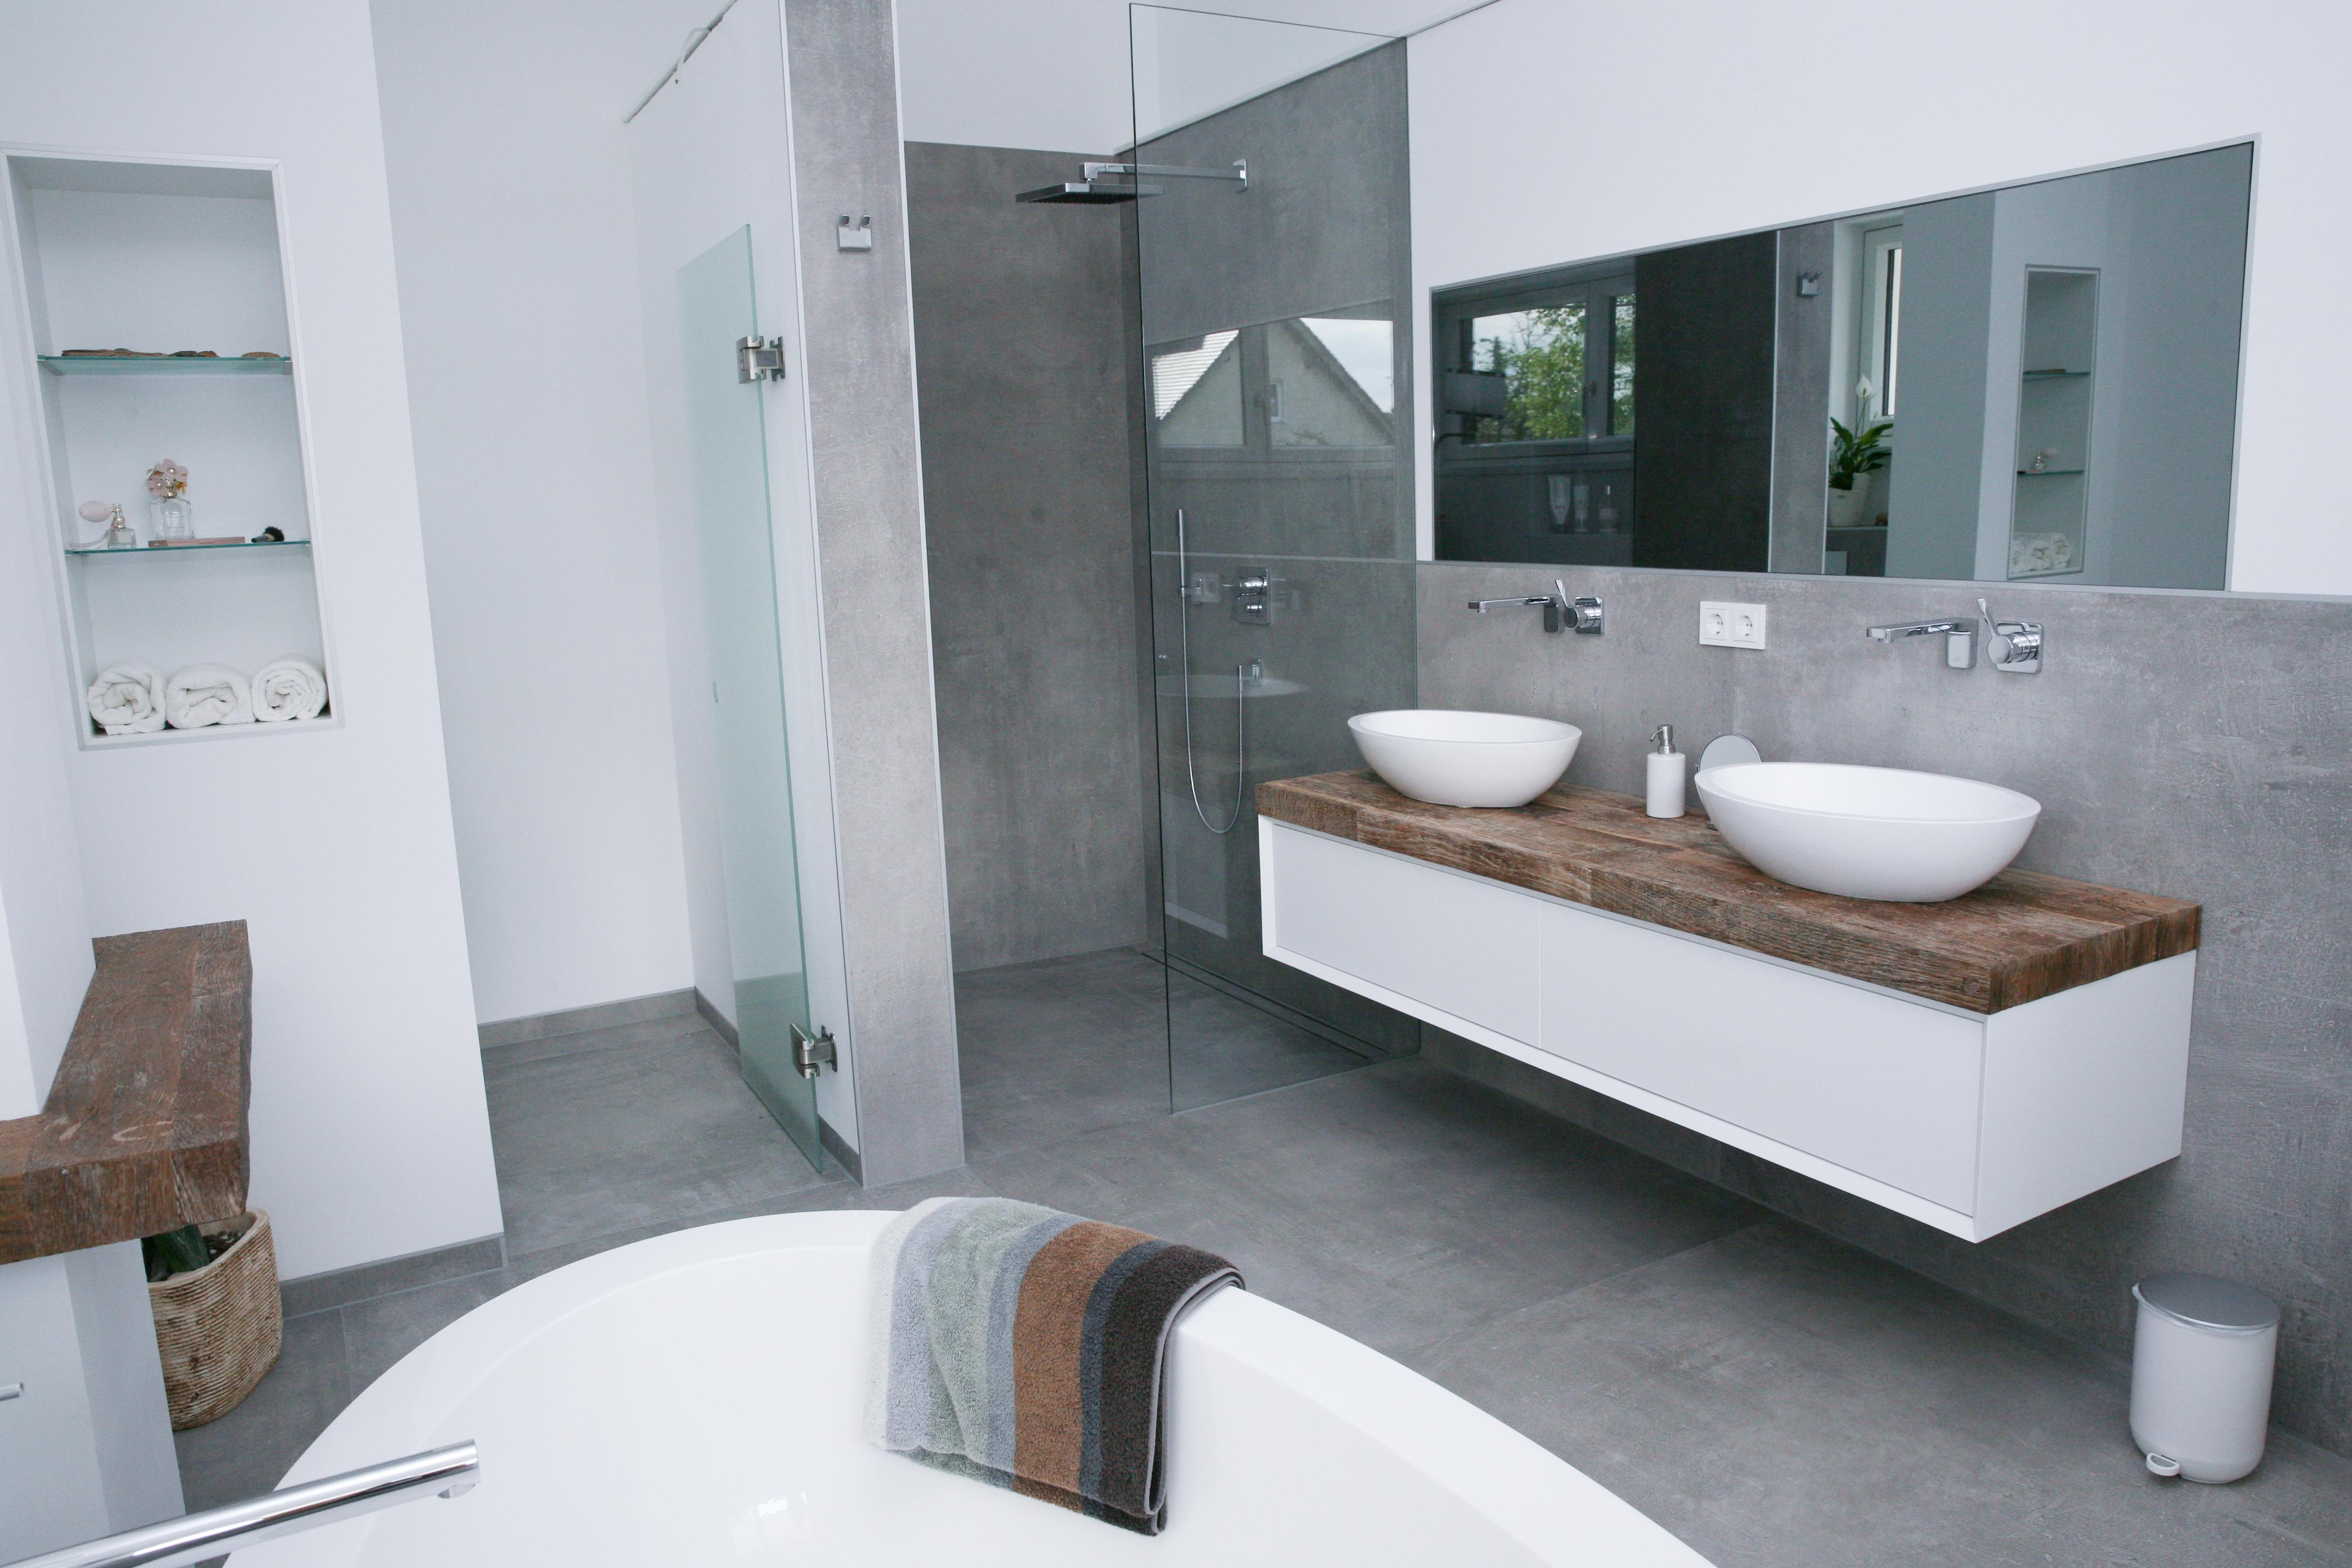 blog projekte 2016. Black Bedroom Furniture Sets. Home Design Ideas